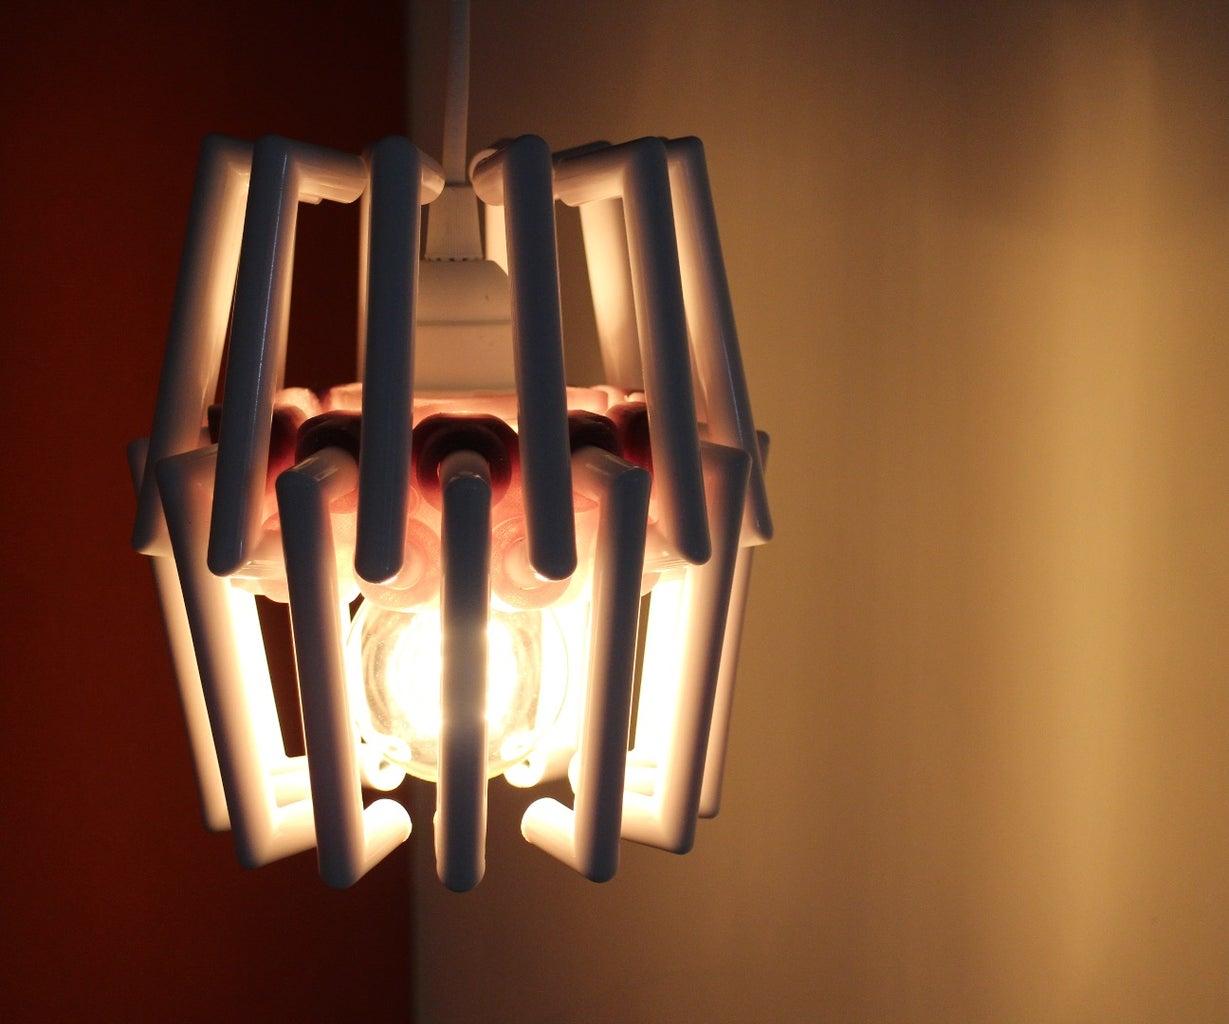 3D Printed Ikea Hack Lamp